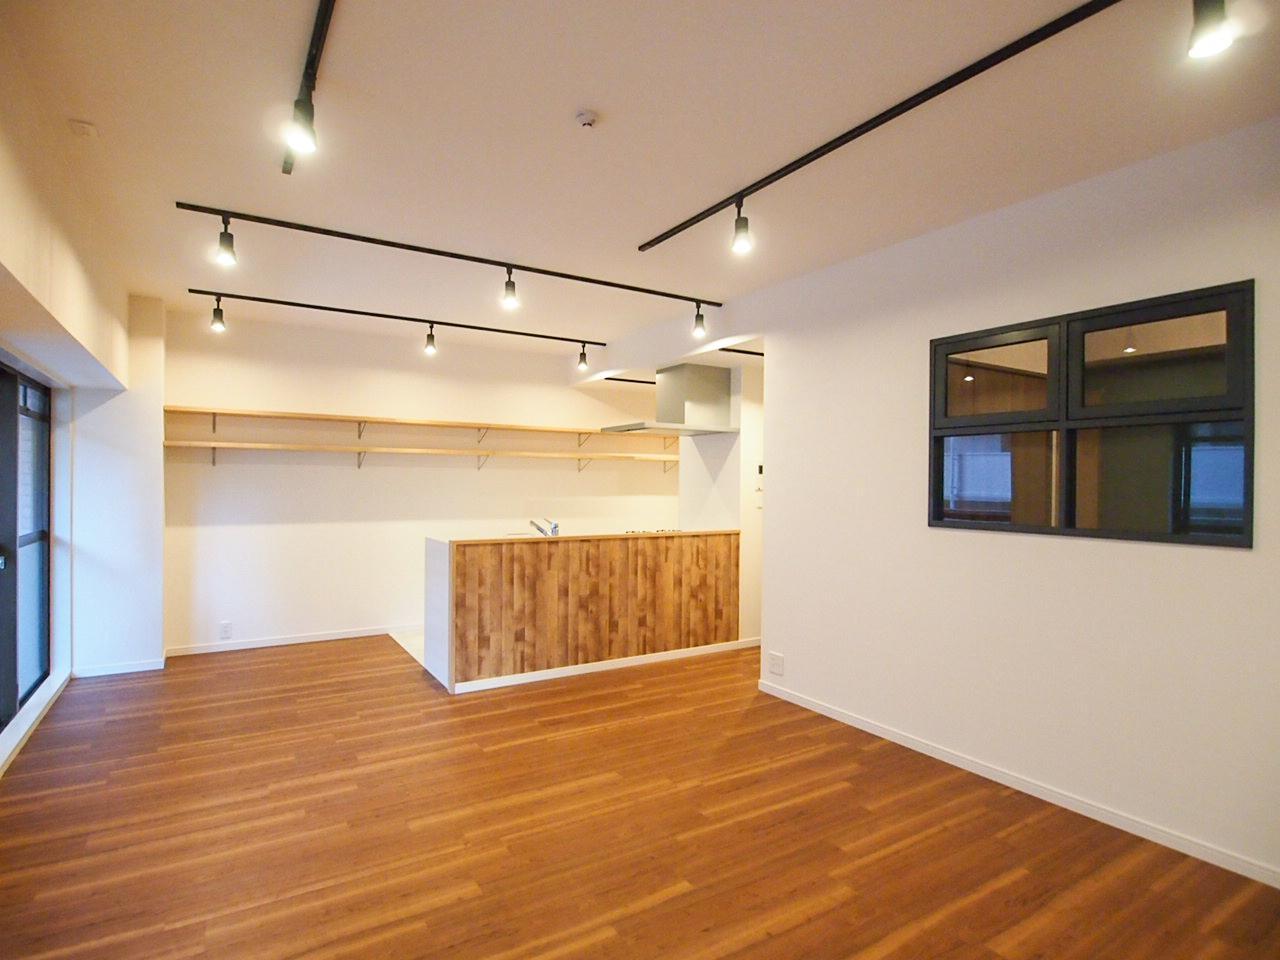 洋室とLDKの間仕切り壁の小窓が効いてます